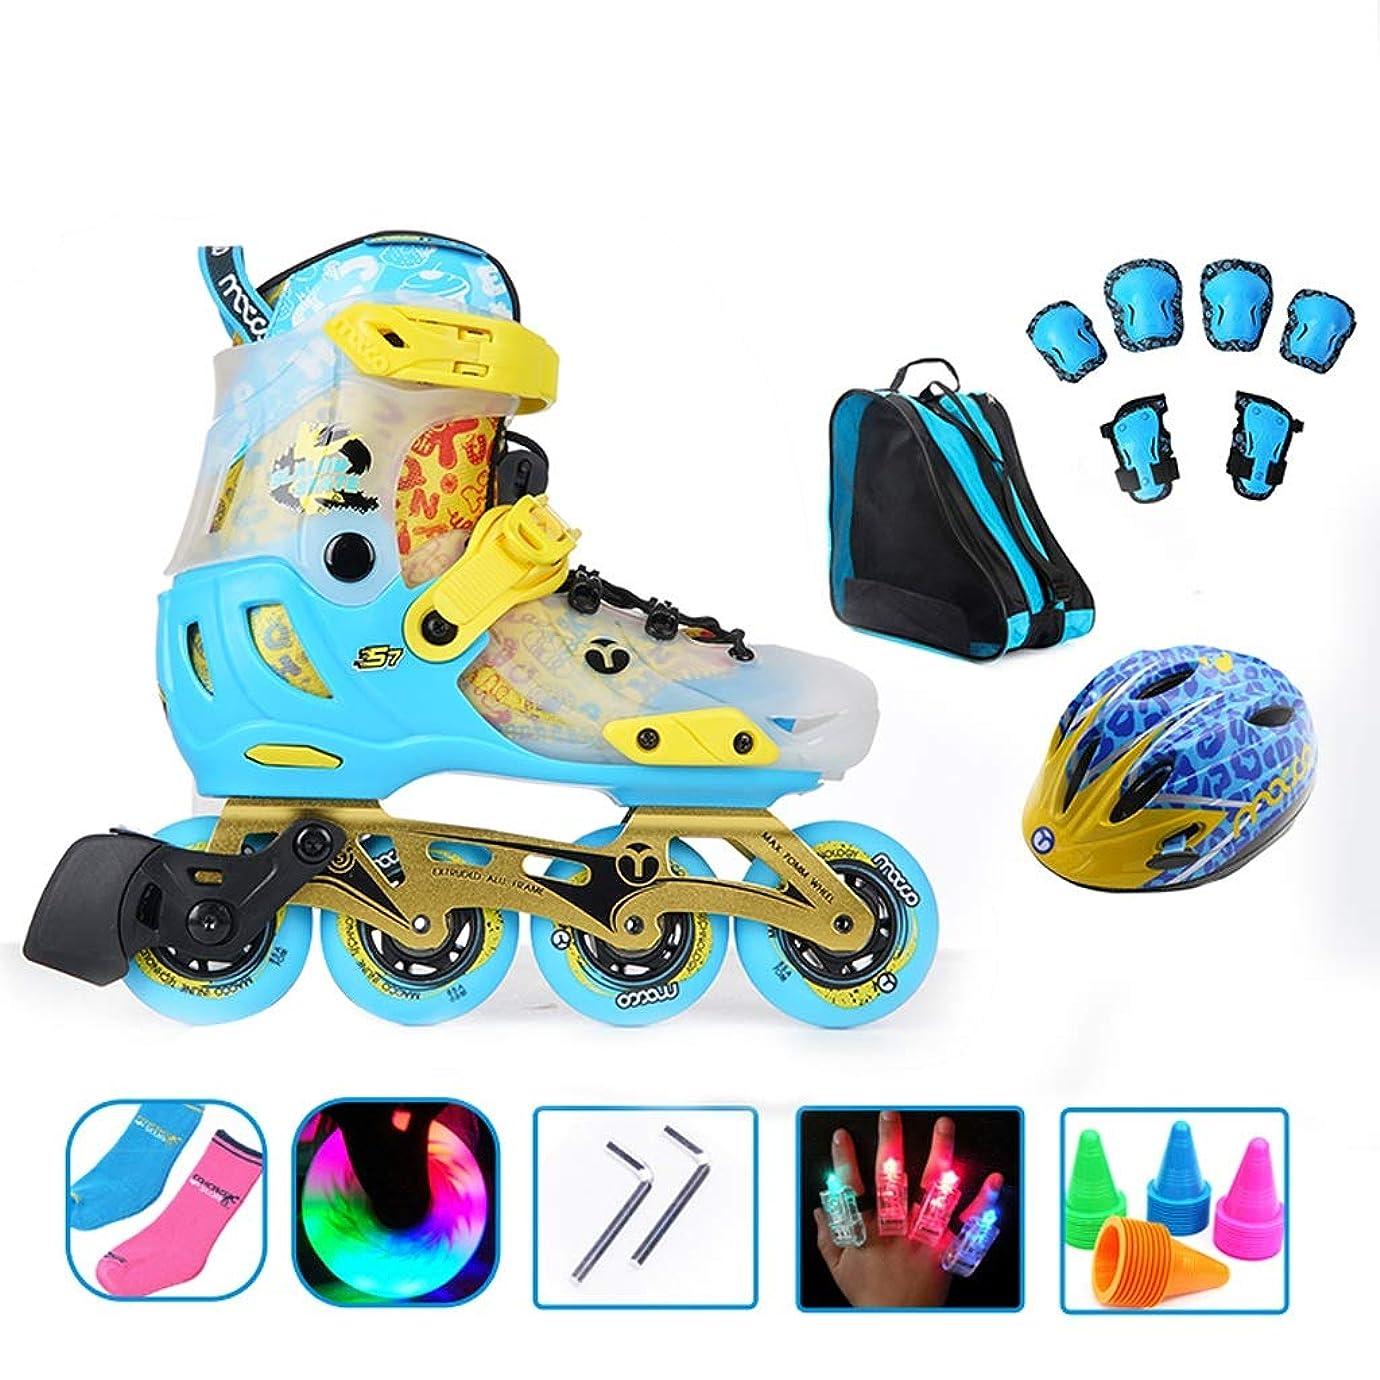 抵当シリングくすぐったいインラインスケート 初心者向けインラインスケート、調節可能な子供用1列スケートスピードスケート靴、男性用および女性用のプロ用ローラースケート(青とピンク) (Color : Blue, Size : M (EU 33-36))